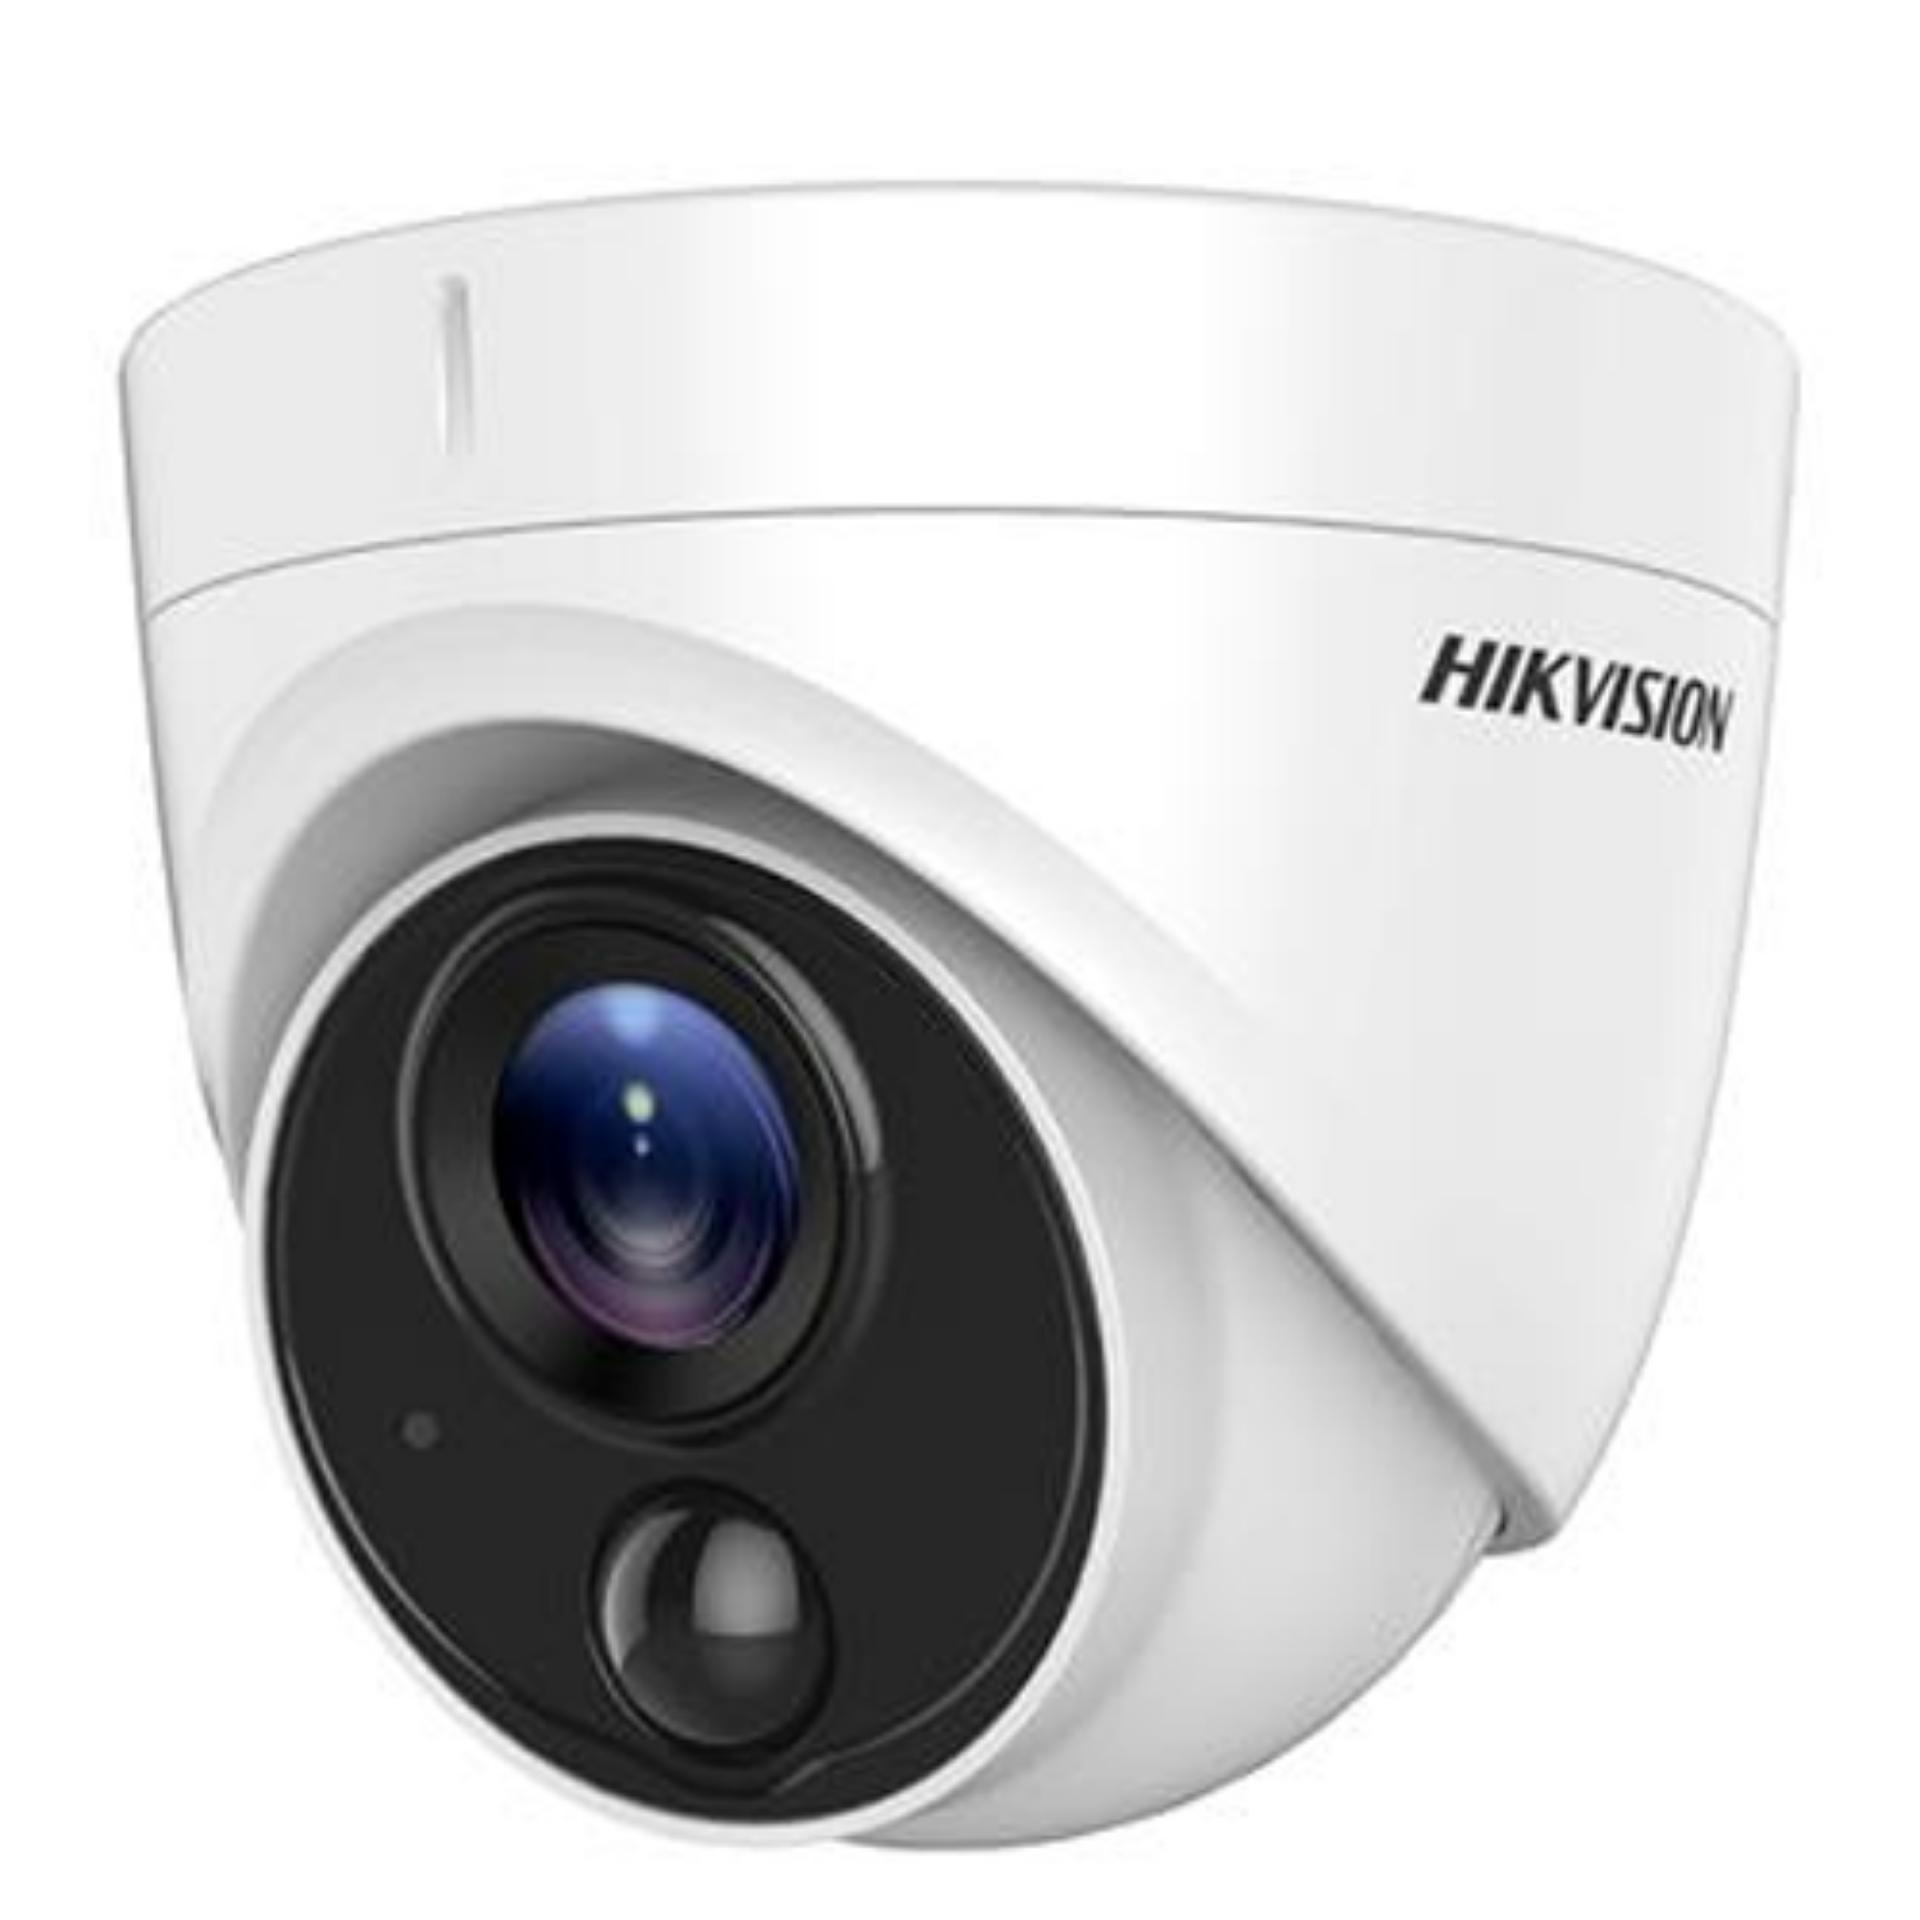 [BẢO HÀNH 24 THÁNG] Camera HIKVISION DS-2CE71D0T-PIRL 2.0 Mp – Camera giám sát an ninh – Công Nghệ Hoàng Nguyễn